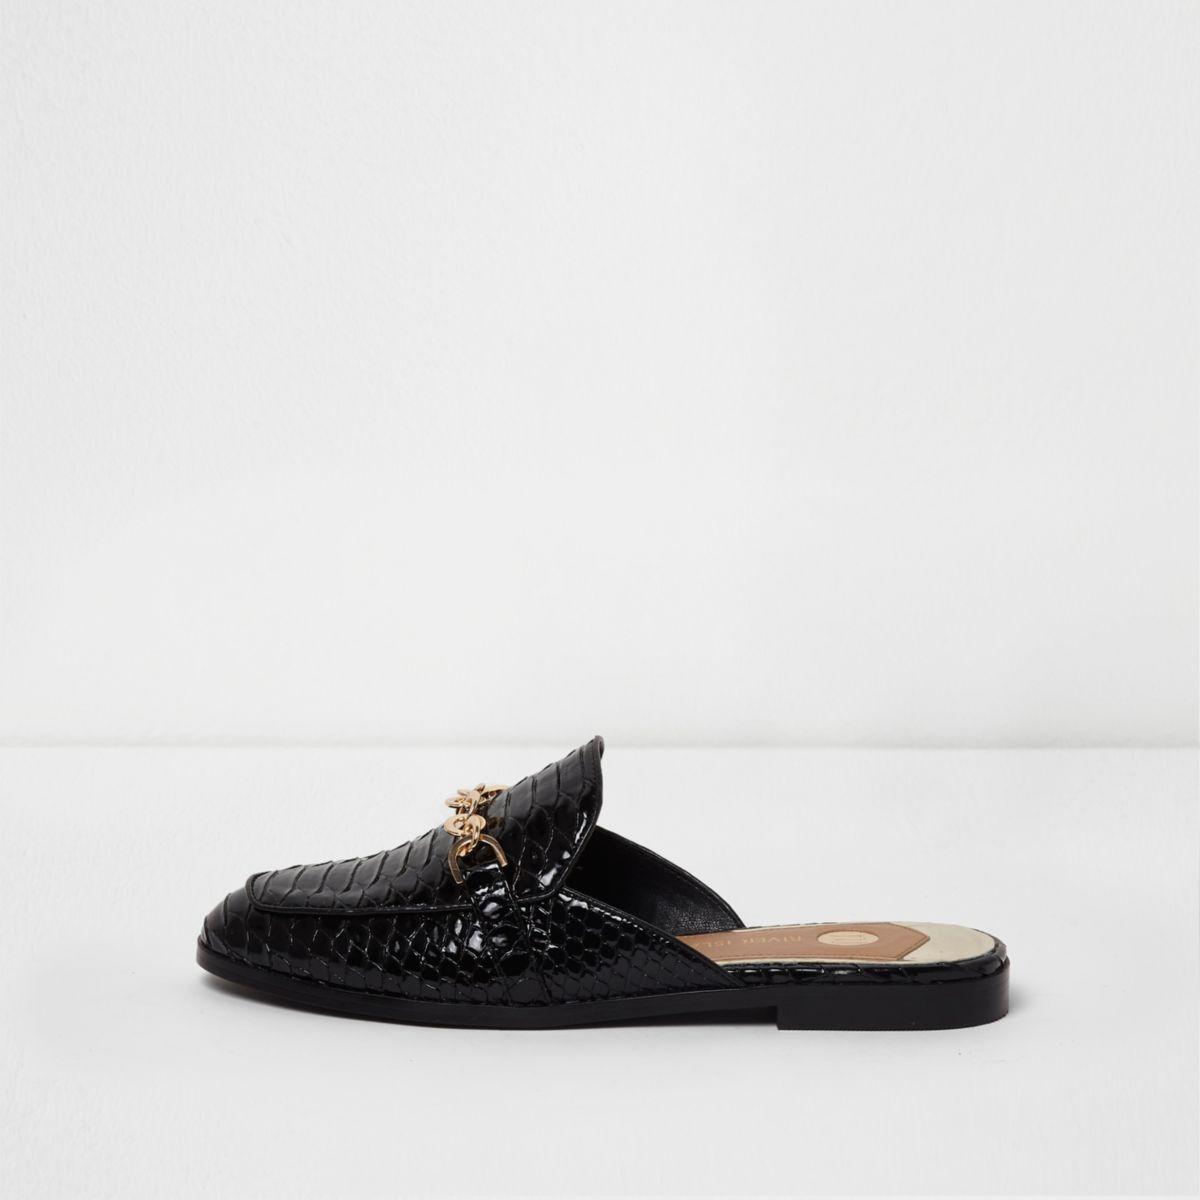 Zwarte lakleren instappers met krokodillenprint en open hiel